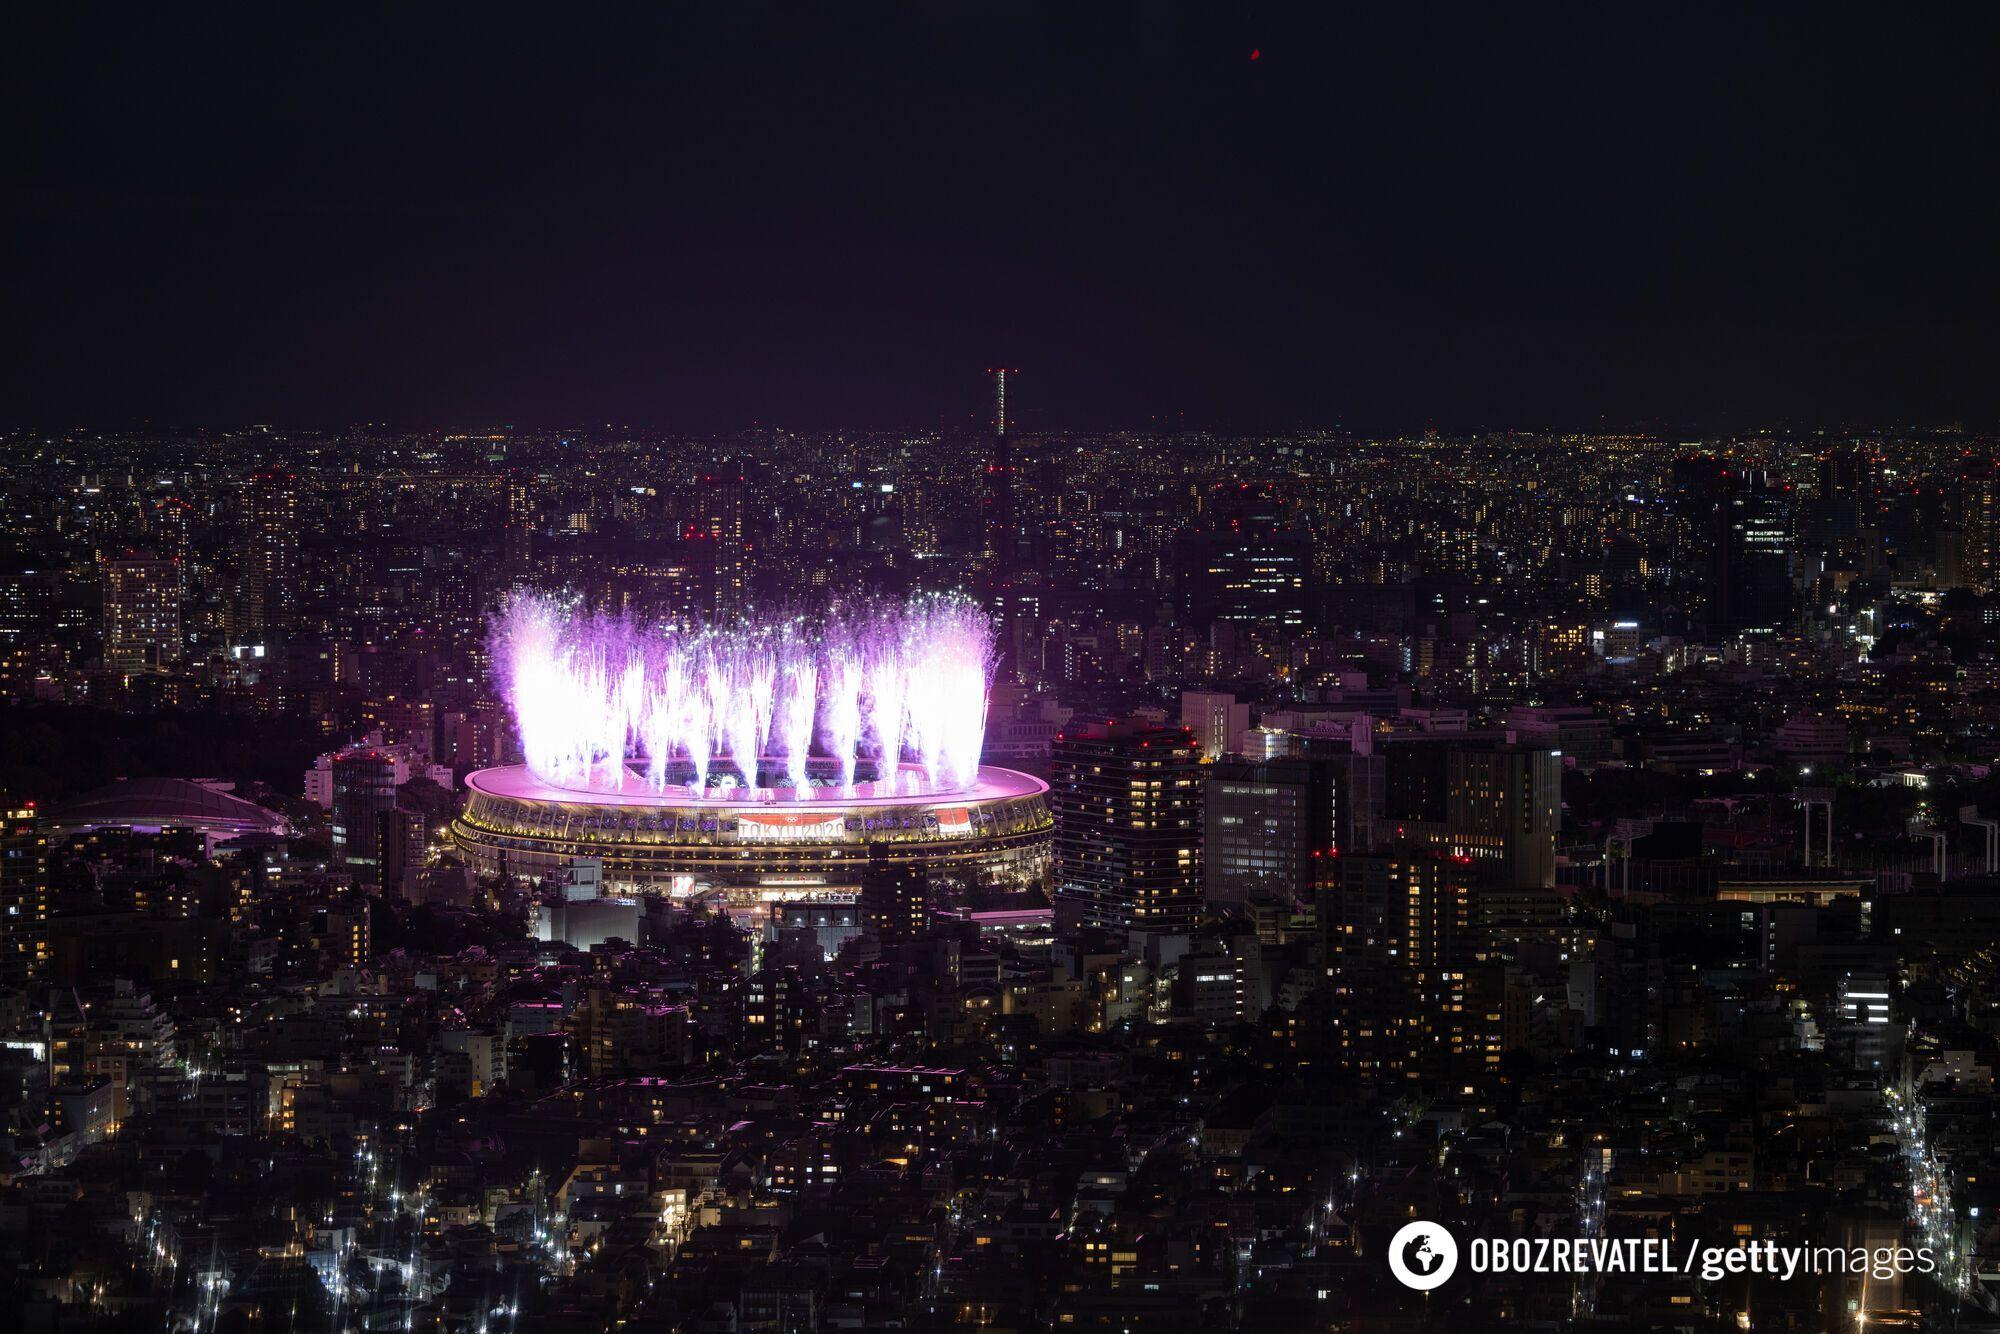 Фейерверк в честь открытия Олимпиады.